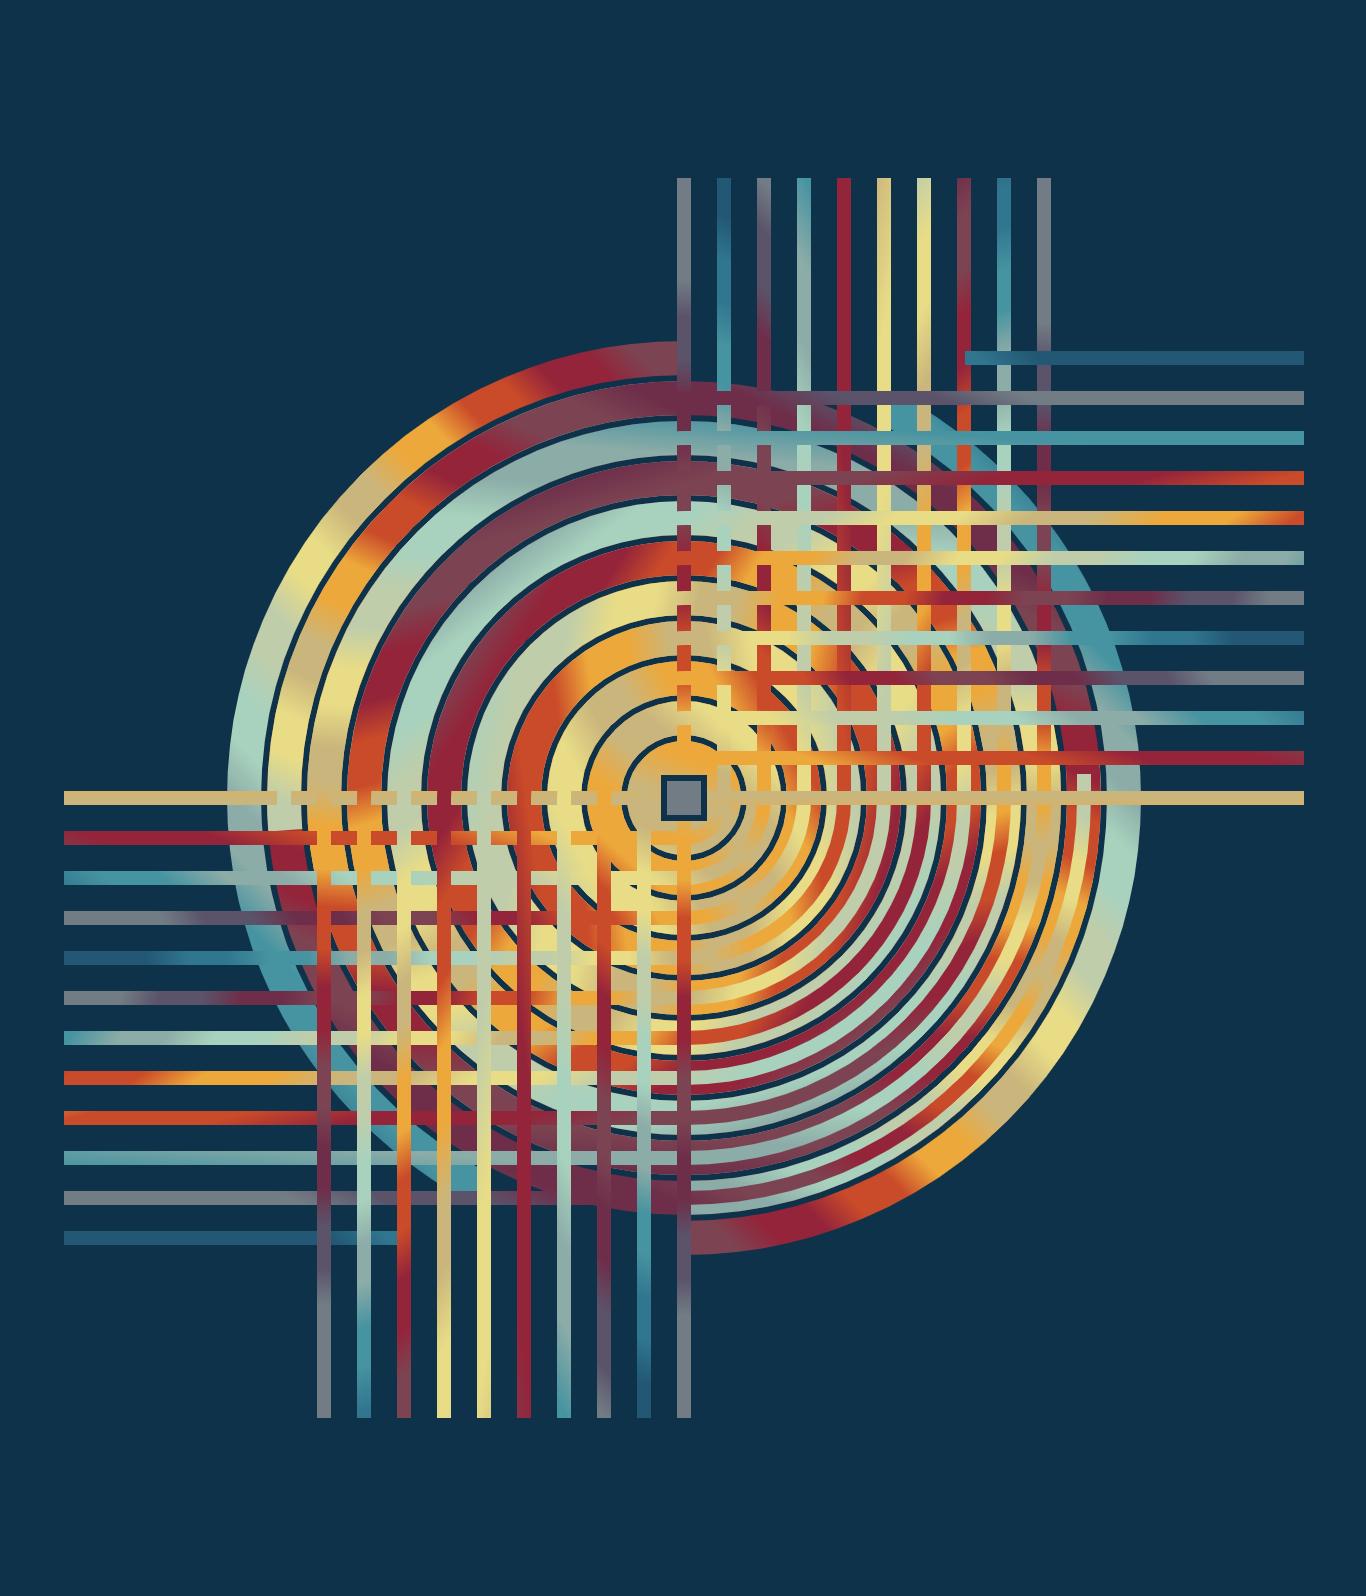 isolation-pixel-static-57